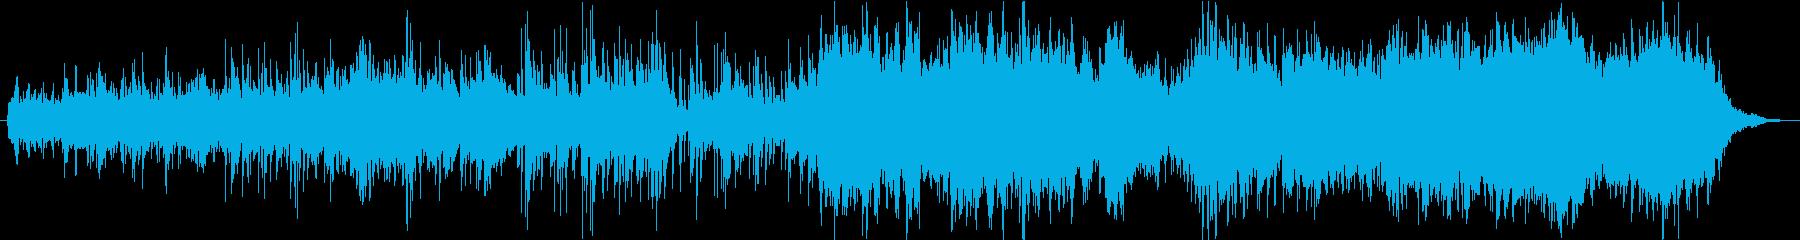 belaの再生済みの波形